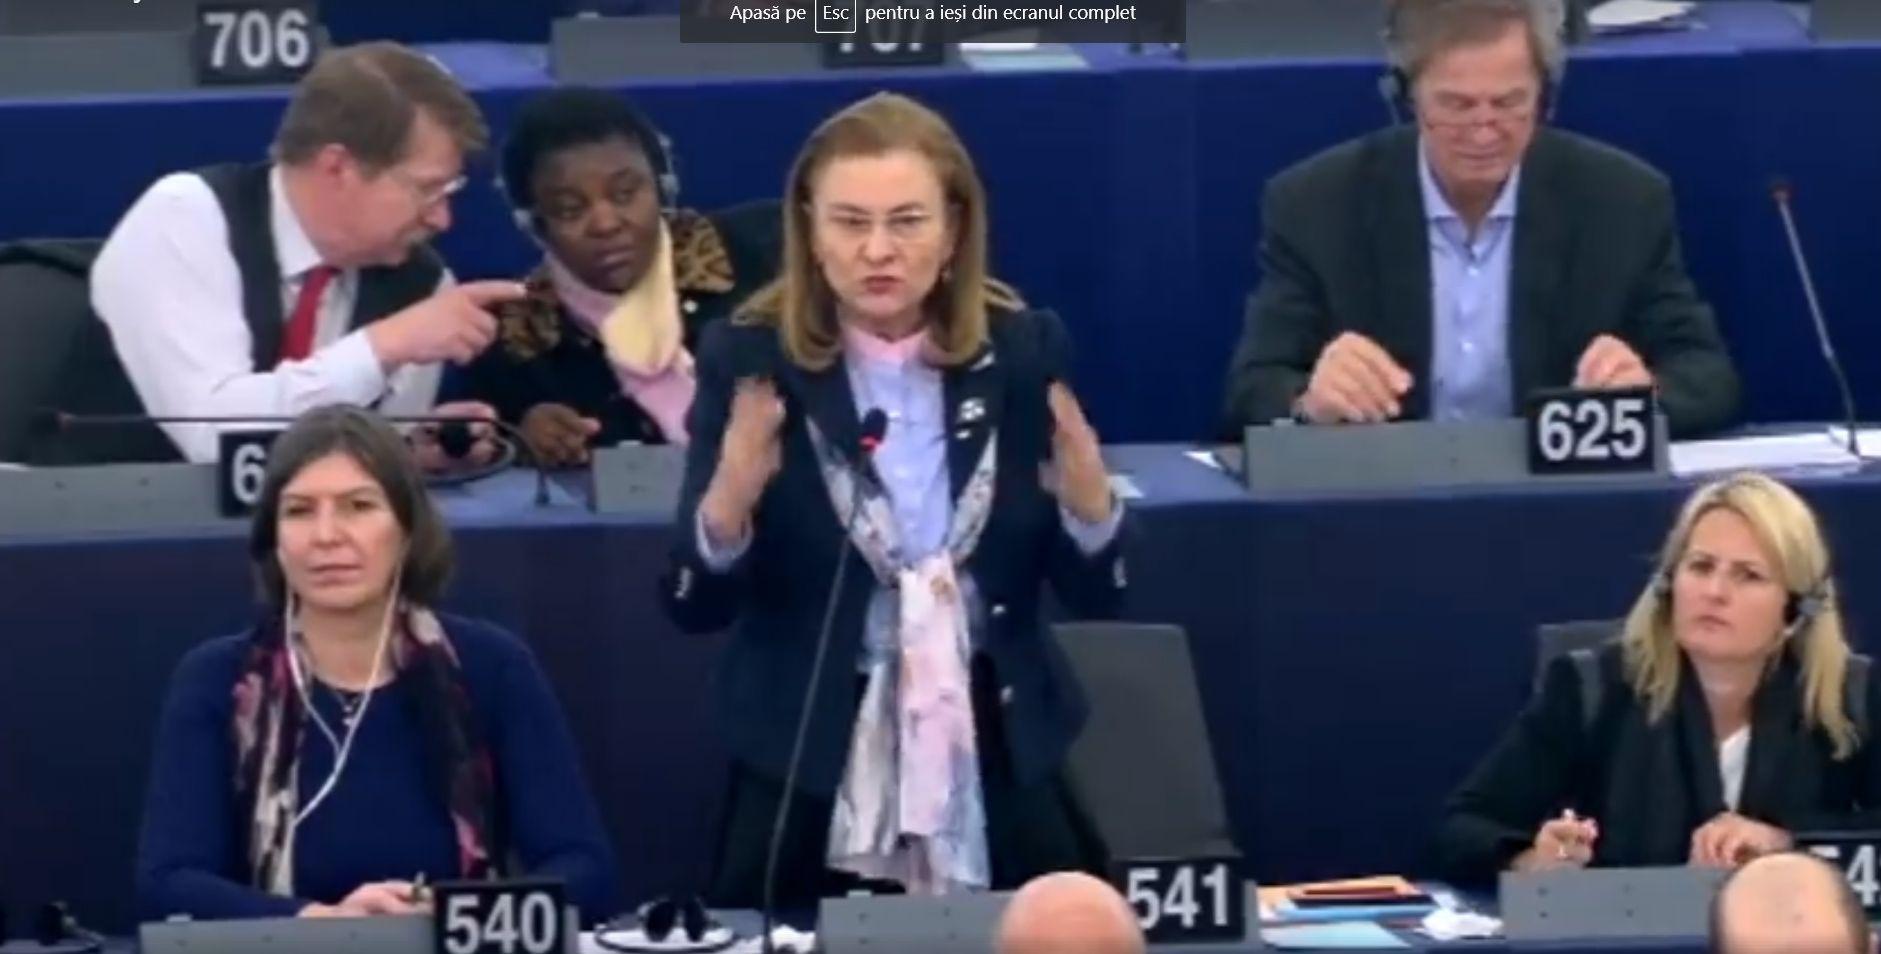 """Contre dure în PE, între Maria Grapini și Laszlo Tokes: """"Domnul Tokes ar trebui să-și ceară scuze pentru afirmațiile făcute!"""""""